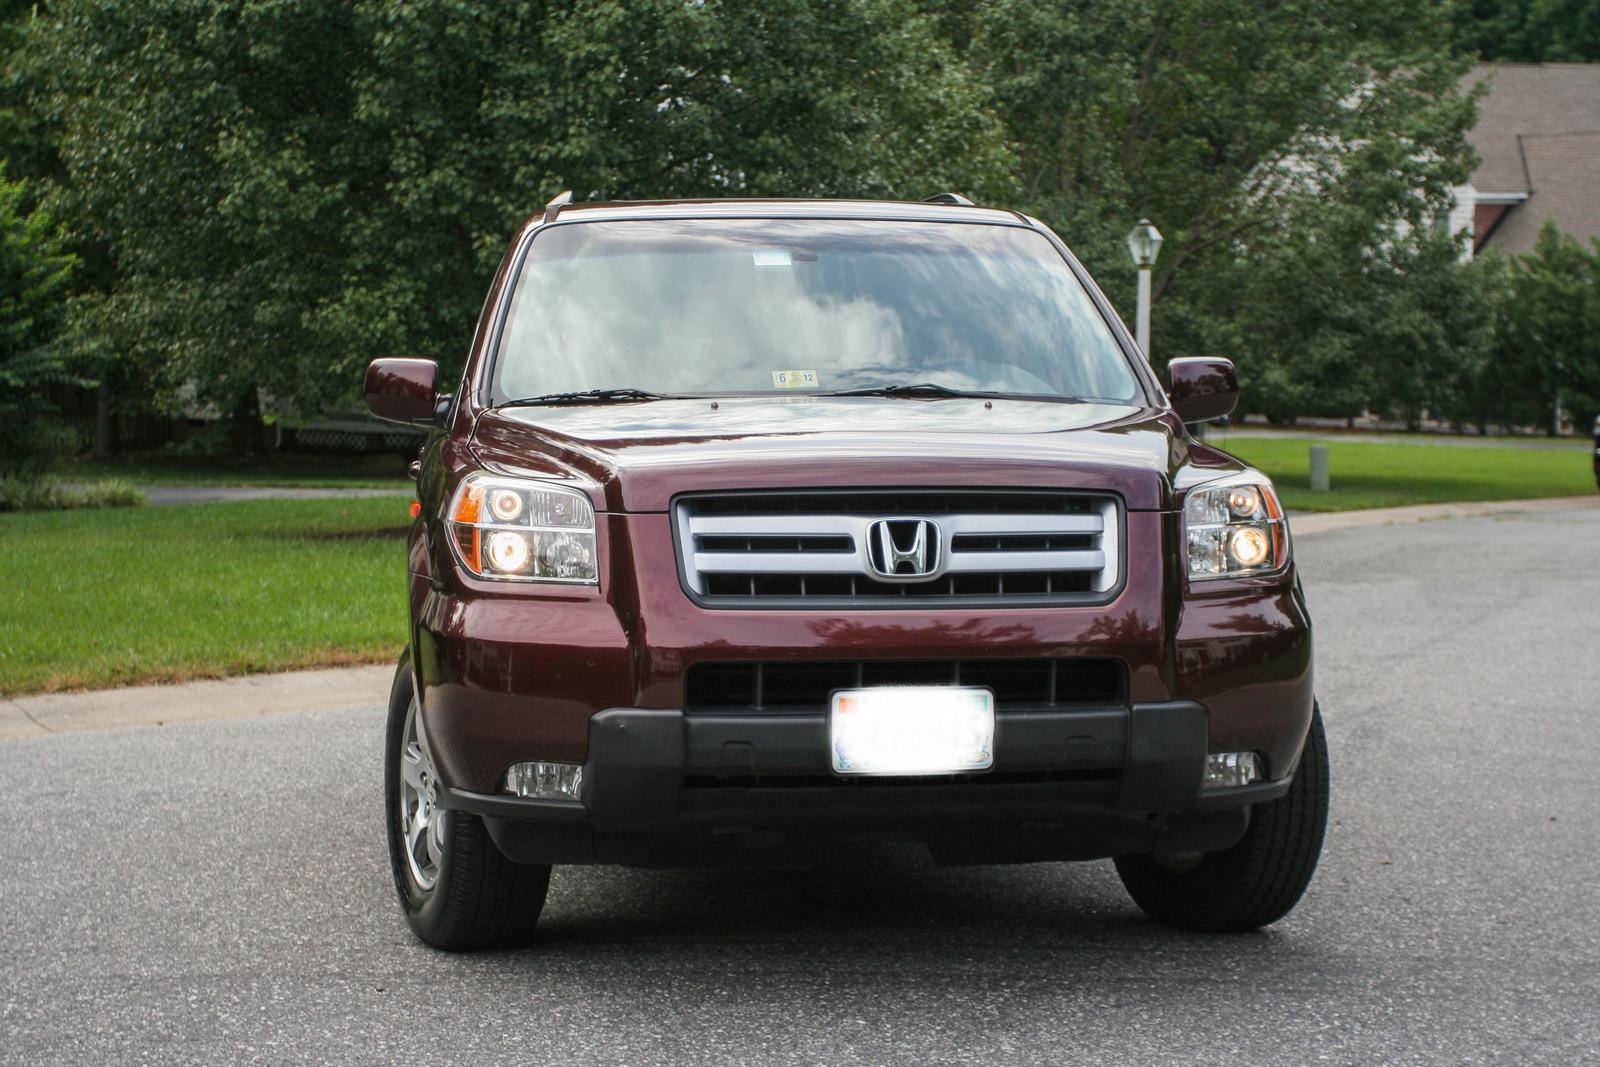 2007 Honda Pilot - Pictures - CarGurus